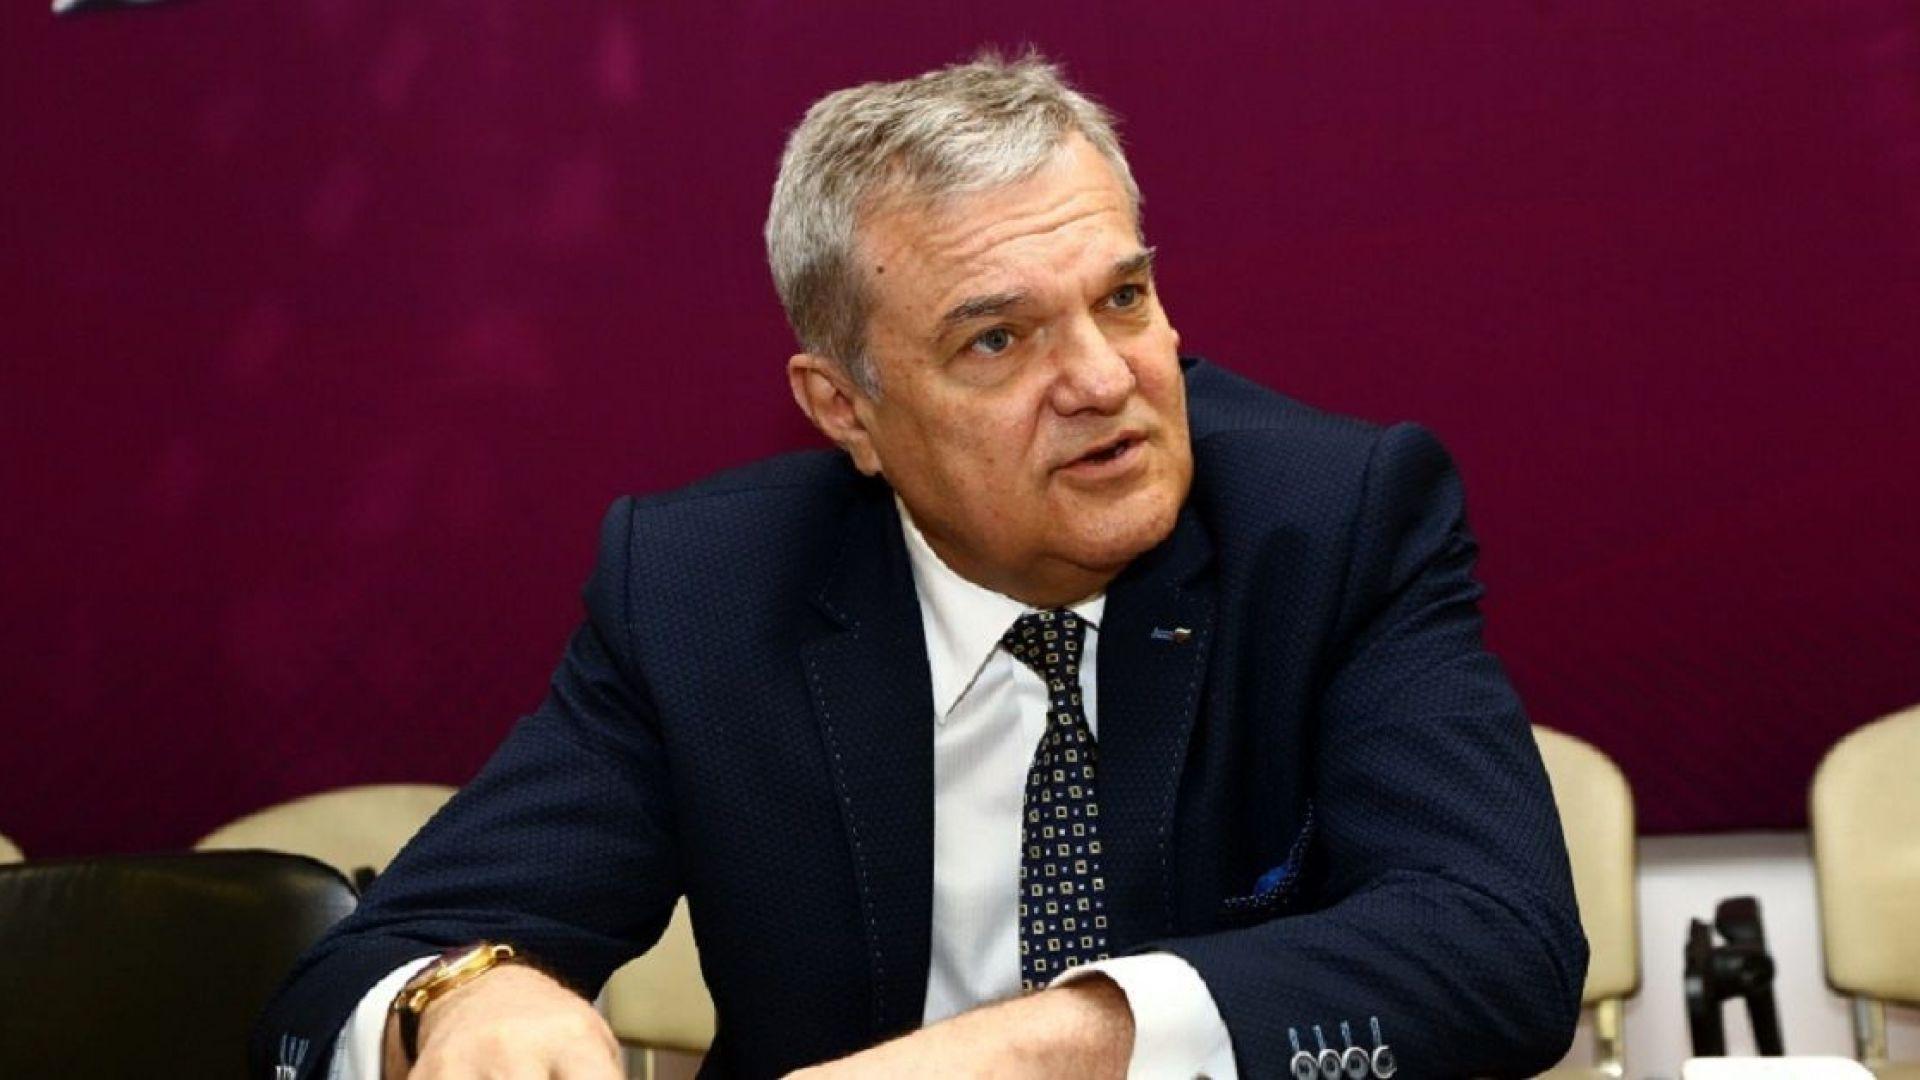 АБВ - Силистра издига самостоятелна листа с общински съветници и подкрепя досегашния кмет на общината